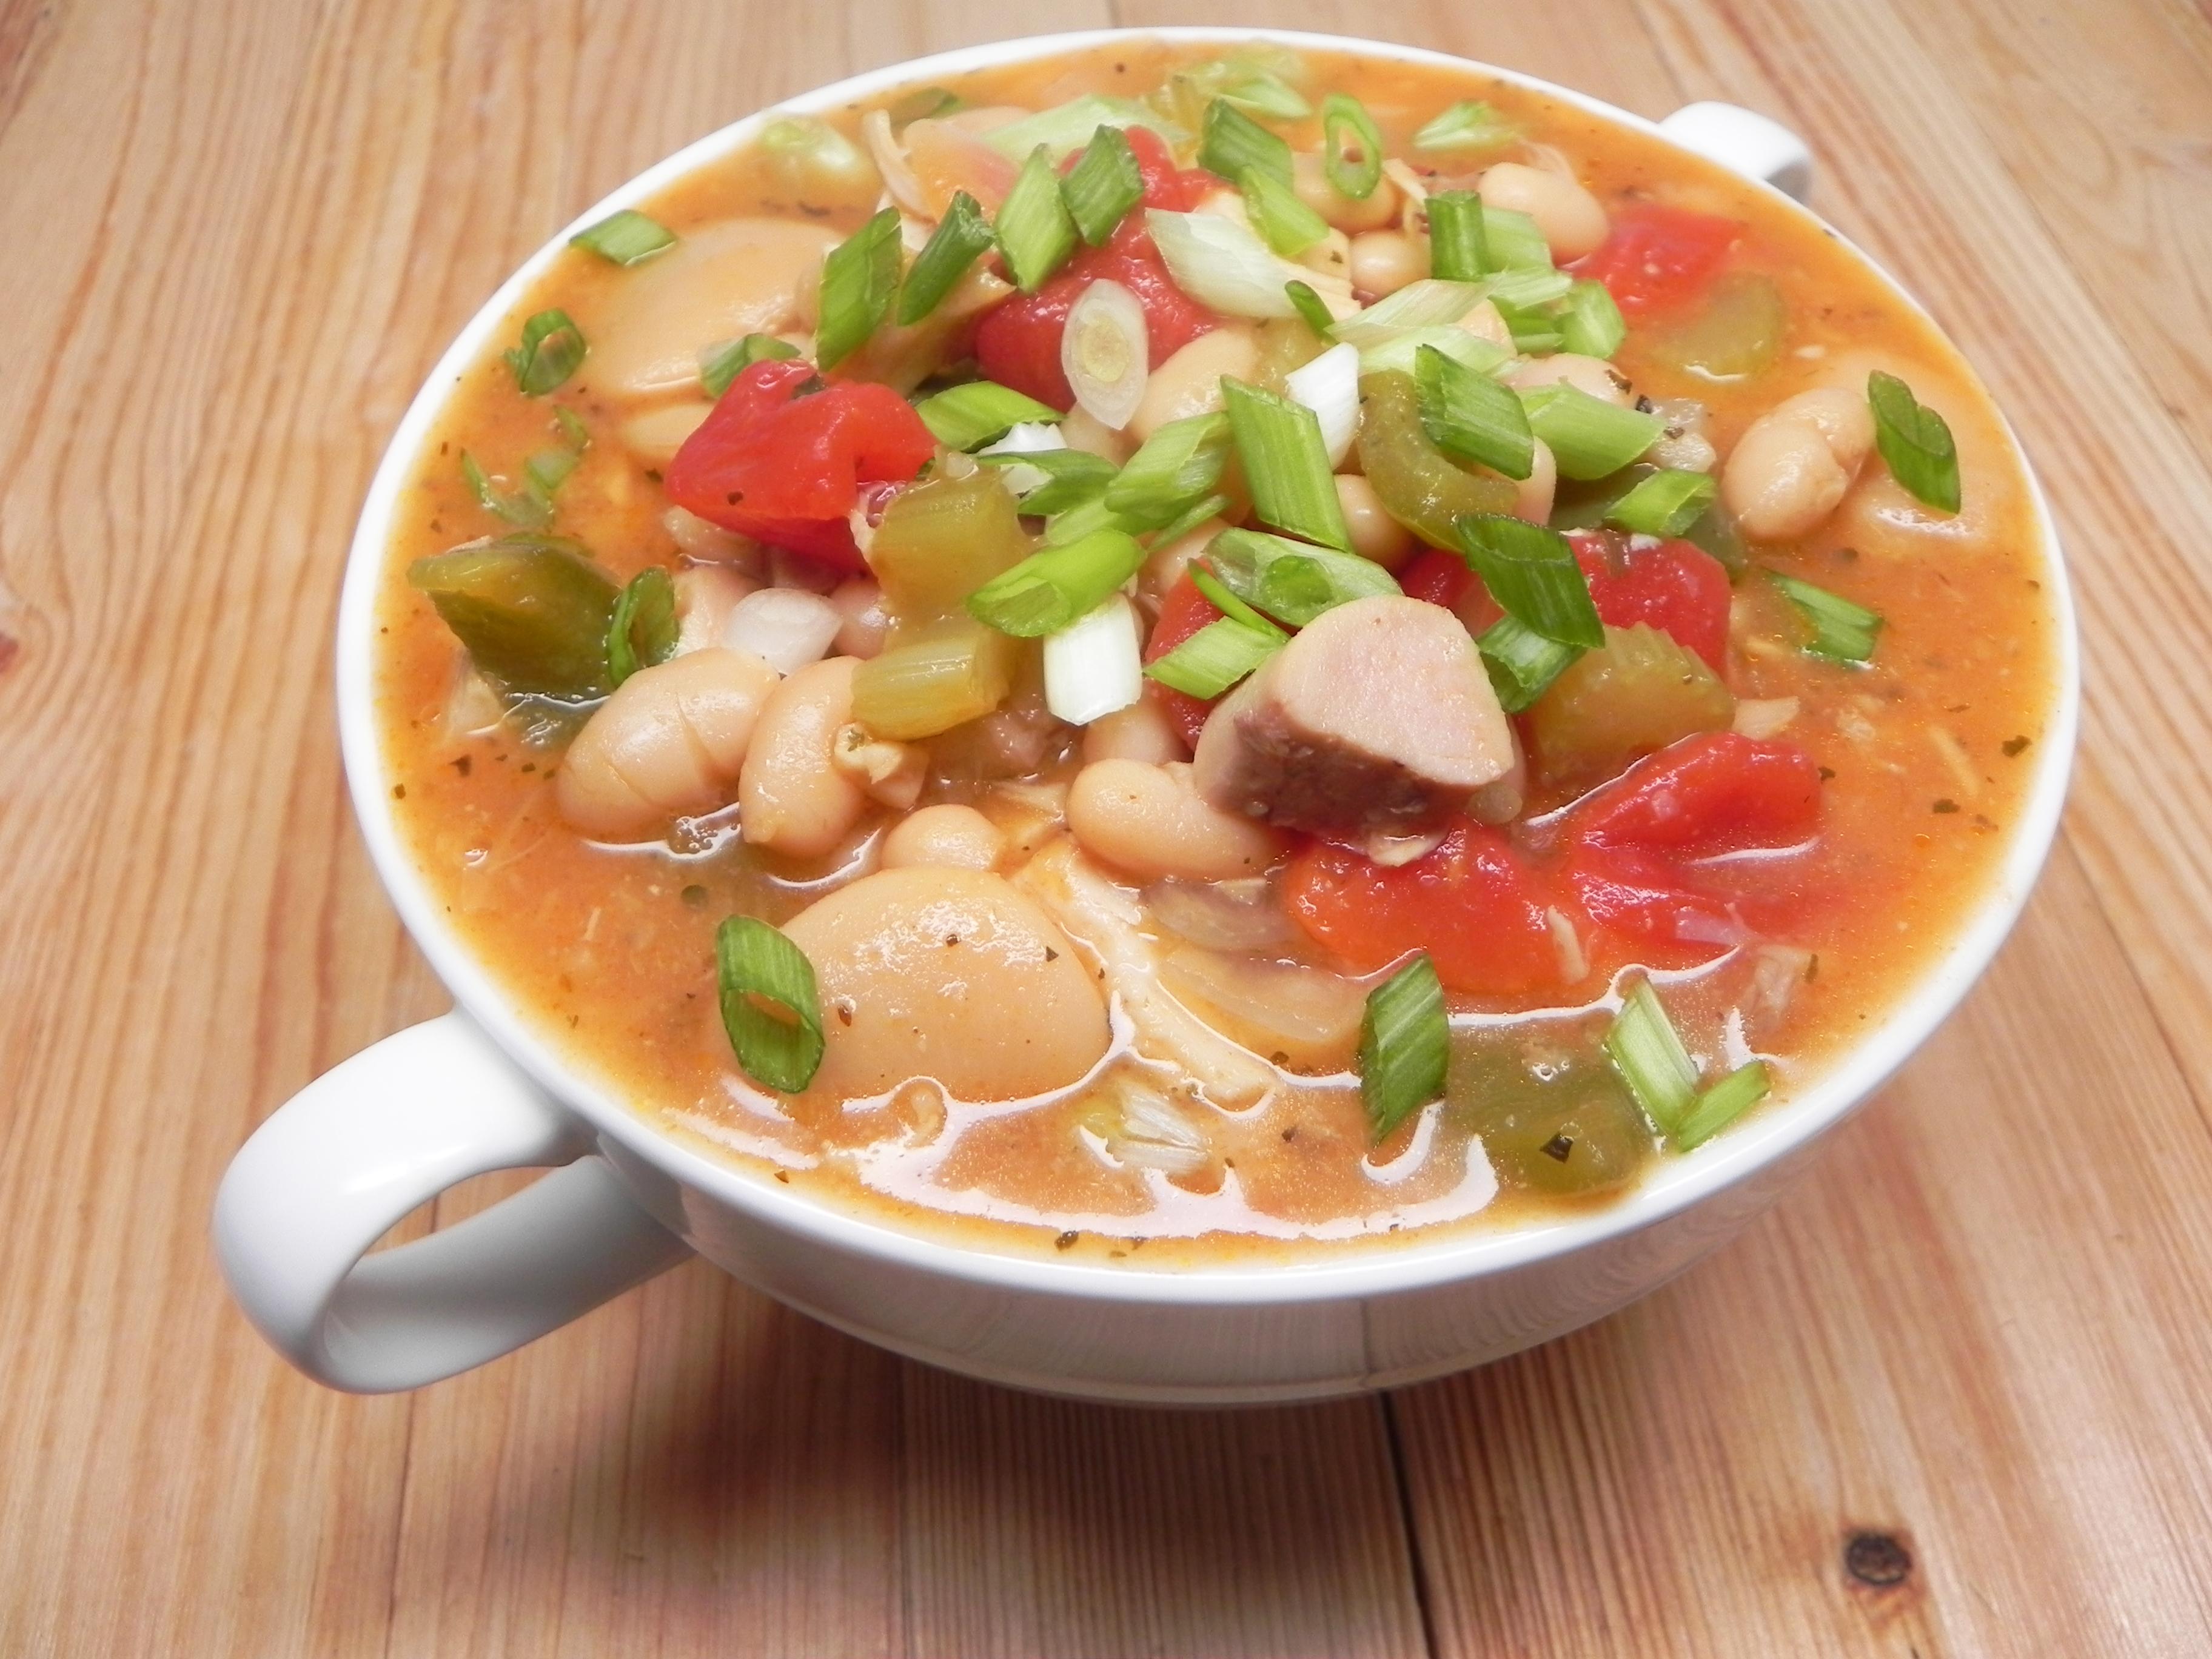 30-Minute White Bean Chili